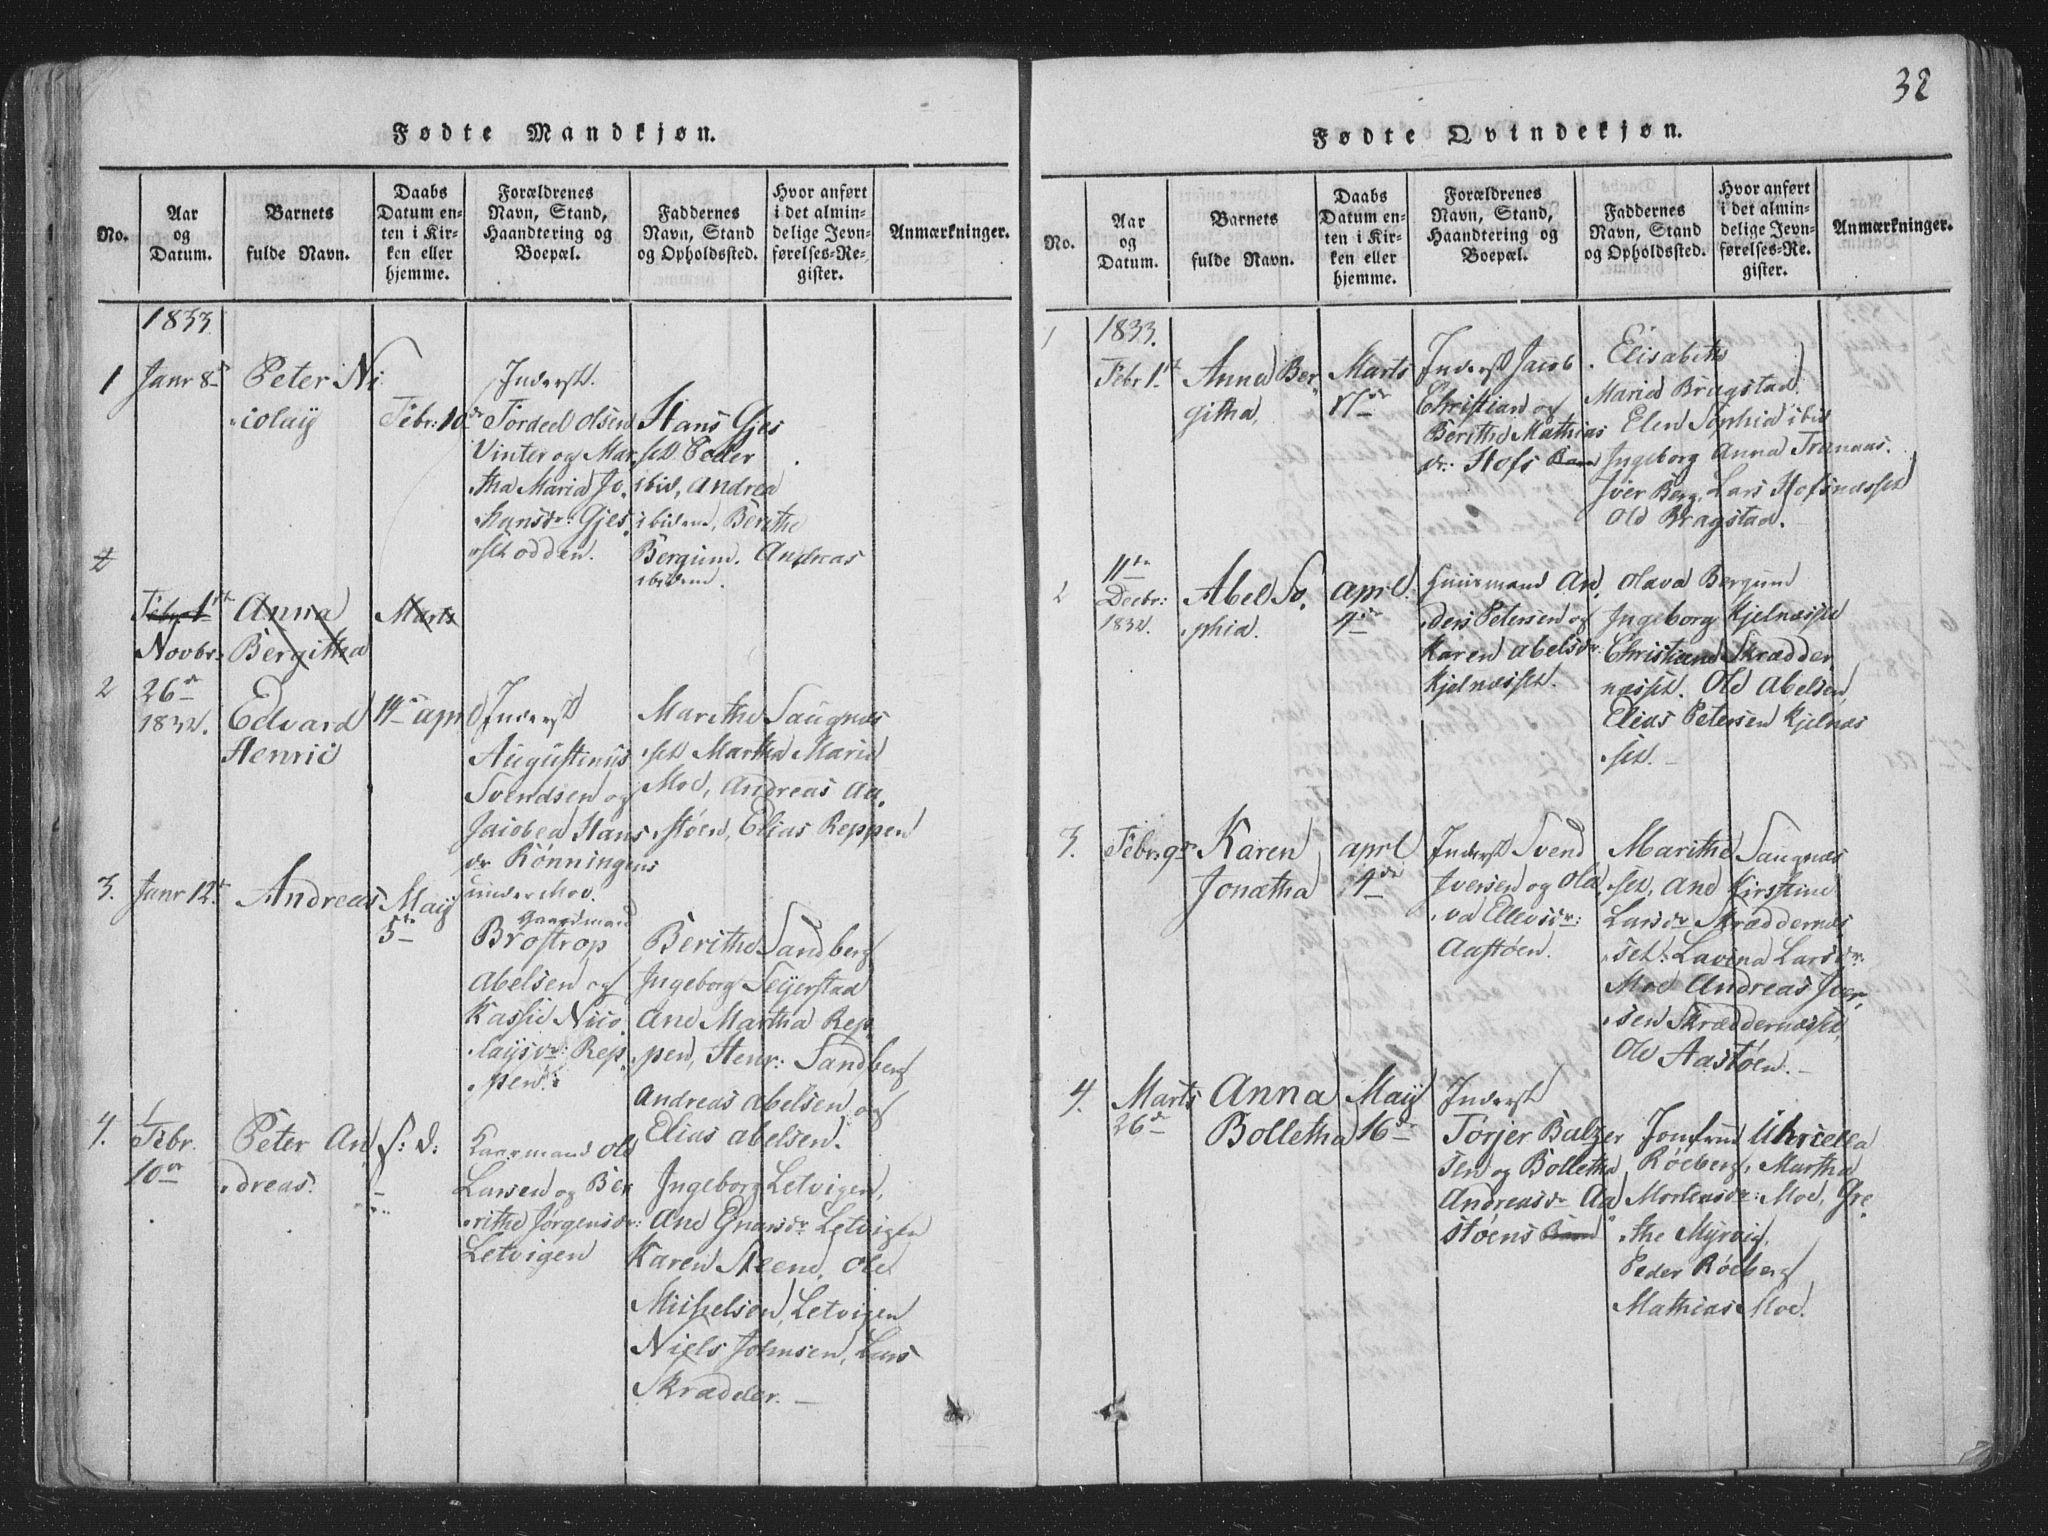 SAT, Ministerialprotokoller, klokkerbøker og fødselsregistre - Nord-Trøndelag, 773/L0613: Ministerialbok nr. 773A04, 1815-1845, s. 32